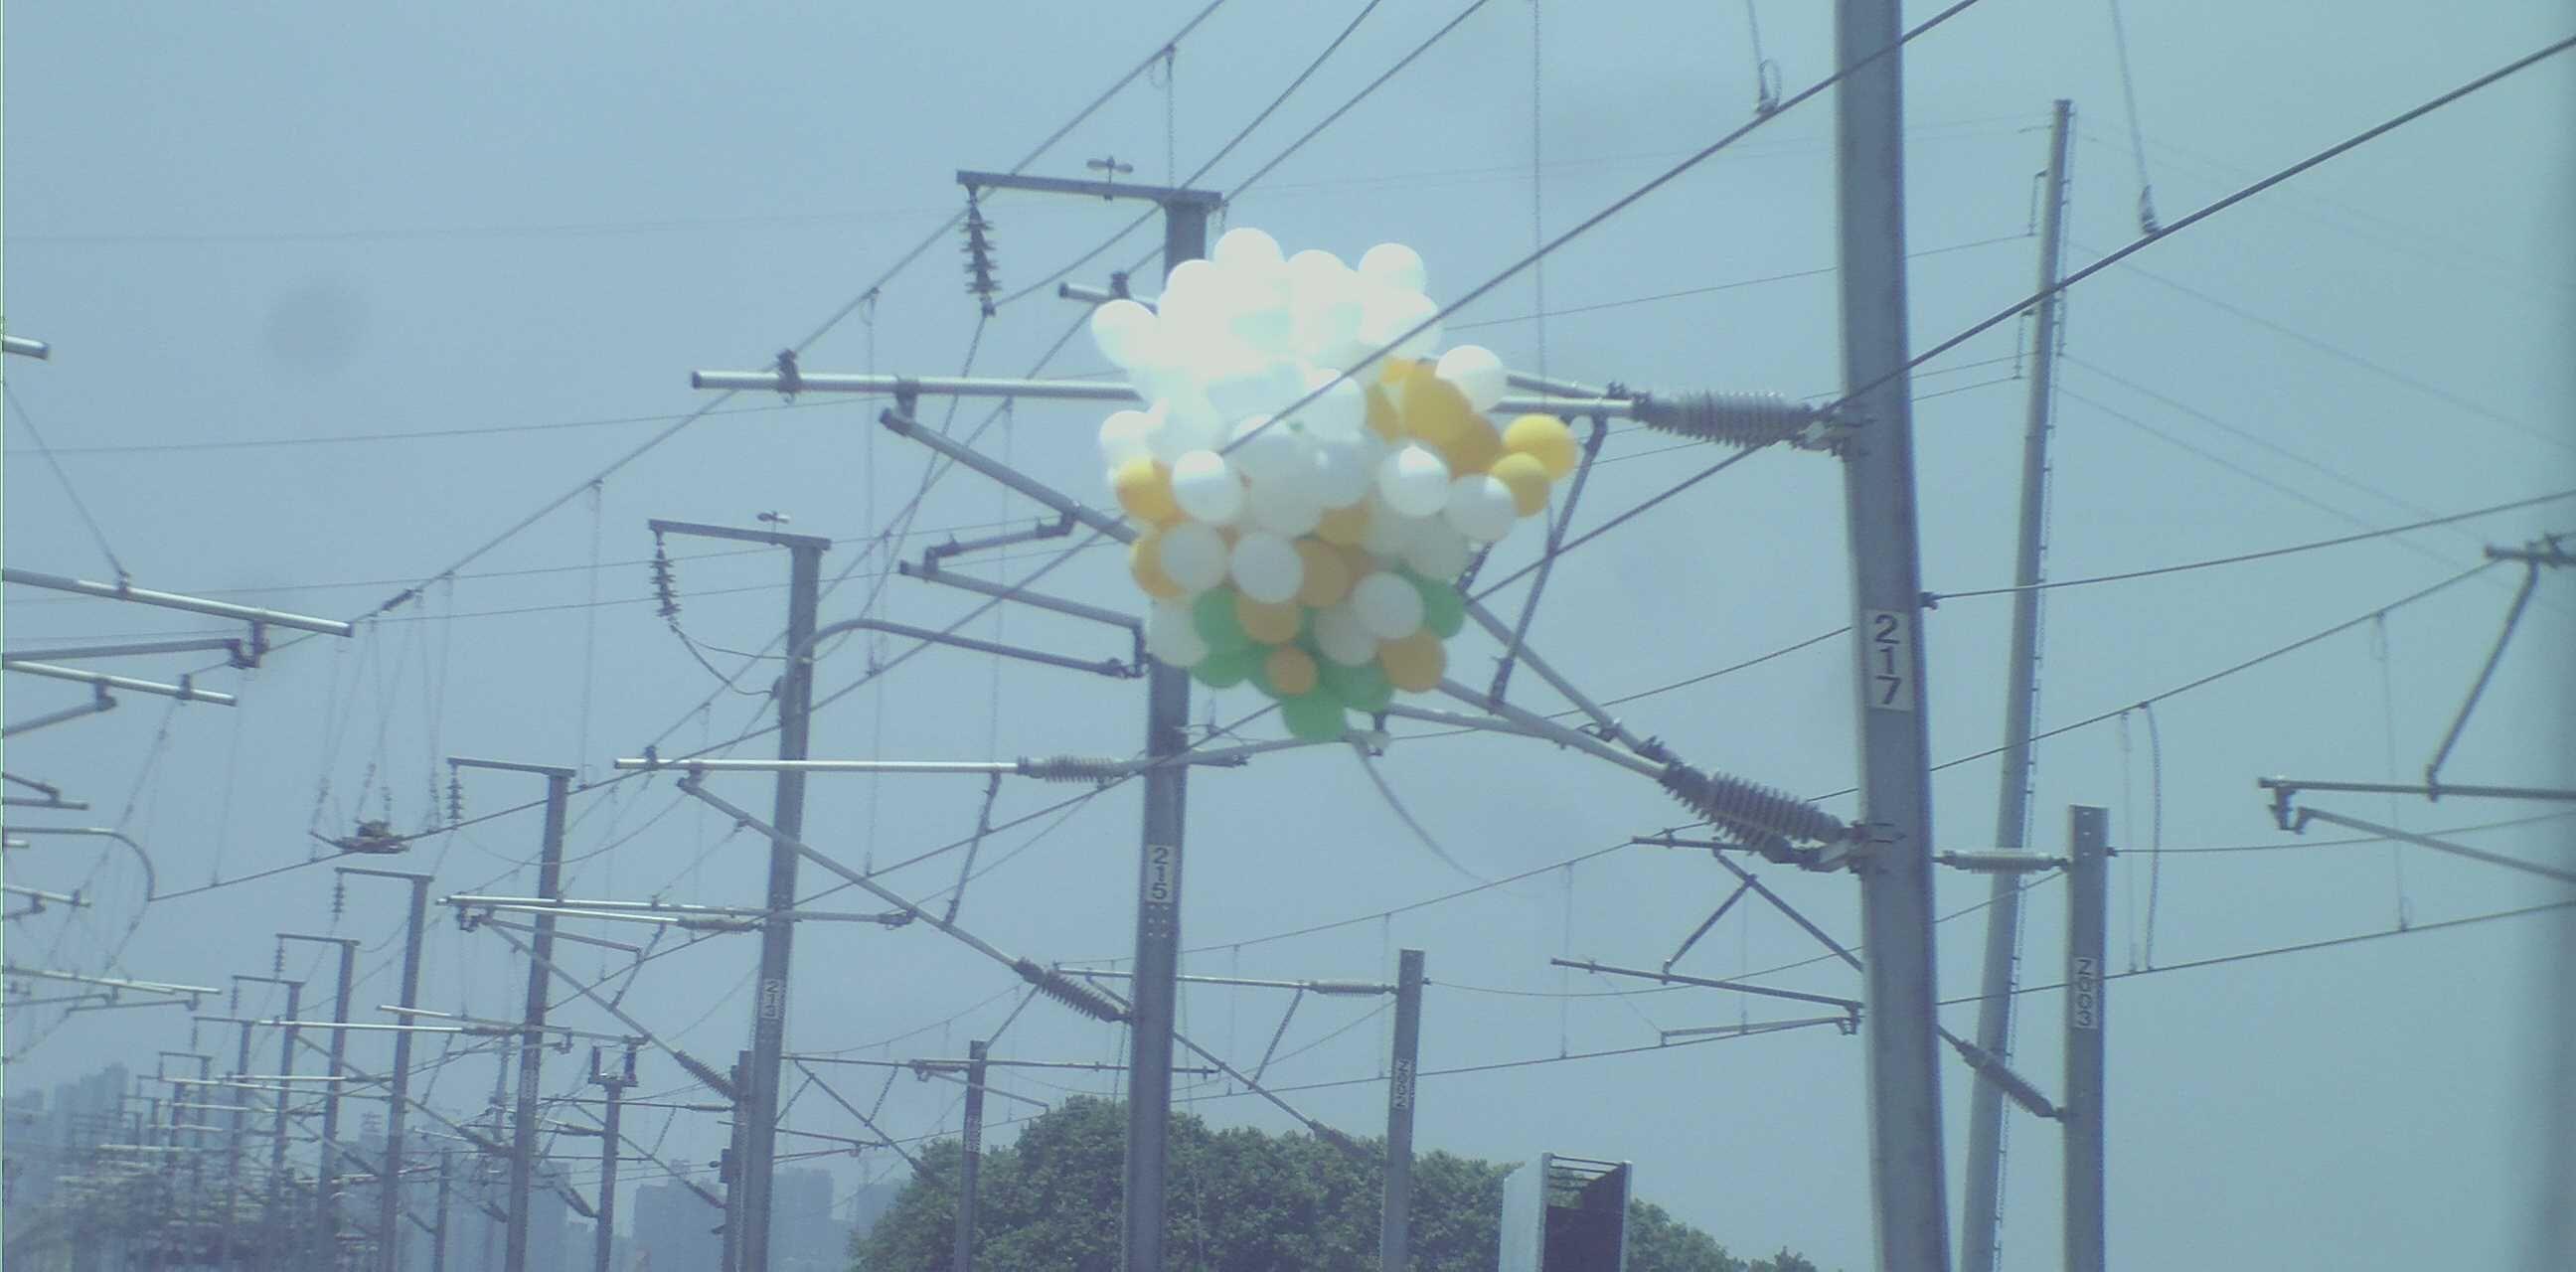 长江云报道(通讯员 宋英辉)5月12日12时30分,武石城际葛店南站因多个气球挂在供电接触网上,导致武汉至大冶北的C5509次列车紧急停车。经铁路部门紧急处置,仍造成C5509、C5510及C5613次列车分别晚点1小时左右。 据悉,这是今年来全省发生的第三起类似事件,今年的2月份,麻武线红安至宋埠间发生了农民烧荒损坏铁路设备,导致4趟列车晚点。3月份,由于农民烧荒引燃铁路绿化带,损毁襄渝线小花果至胡家营间区段一处电缆,导致经过该区间的8趟客车晚点,最长达1小时15分。 根据《铁路法》及《铁路安全管理条